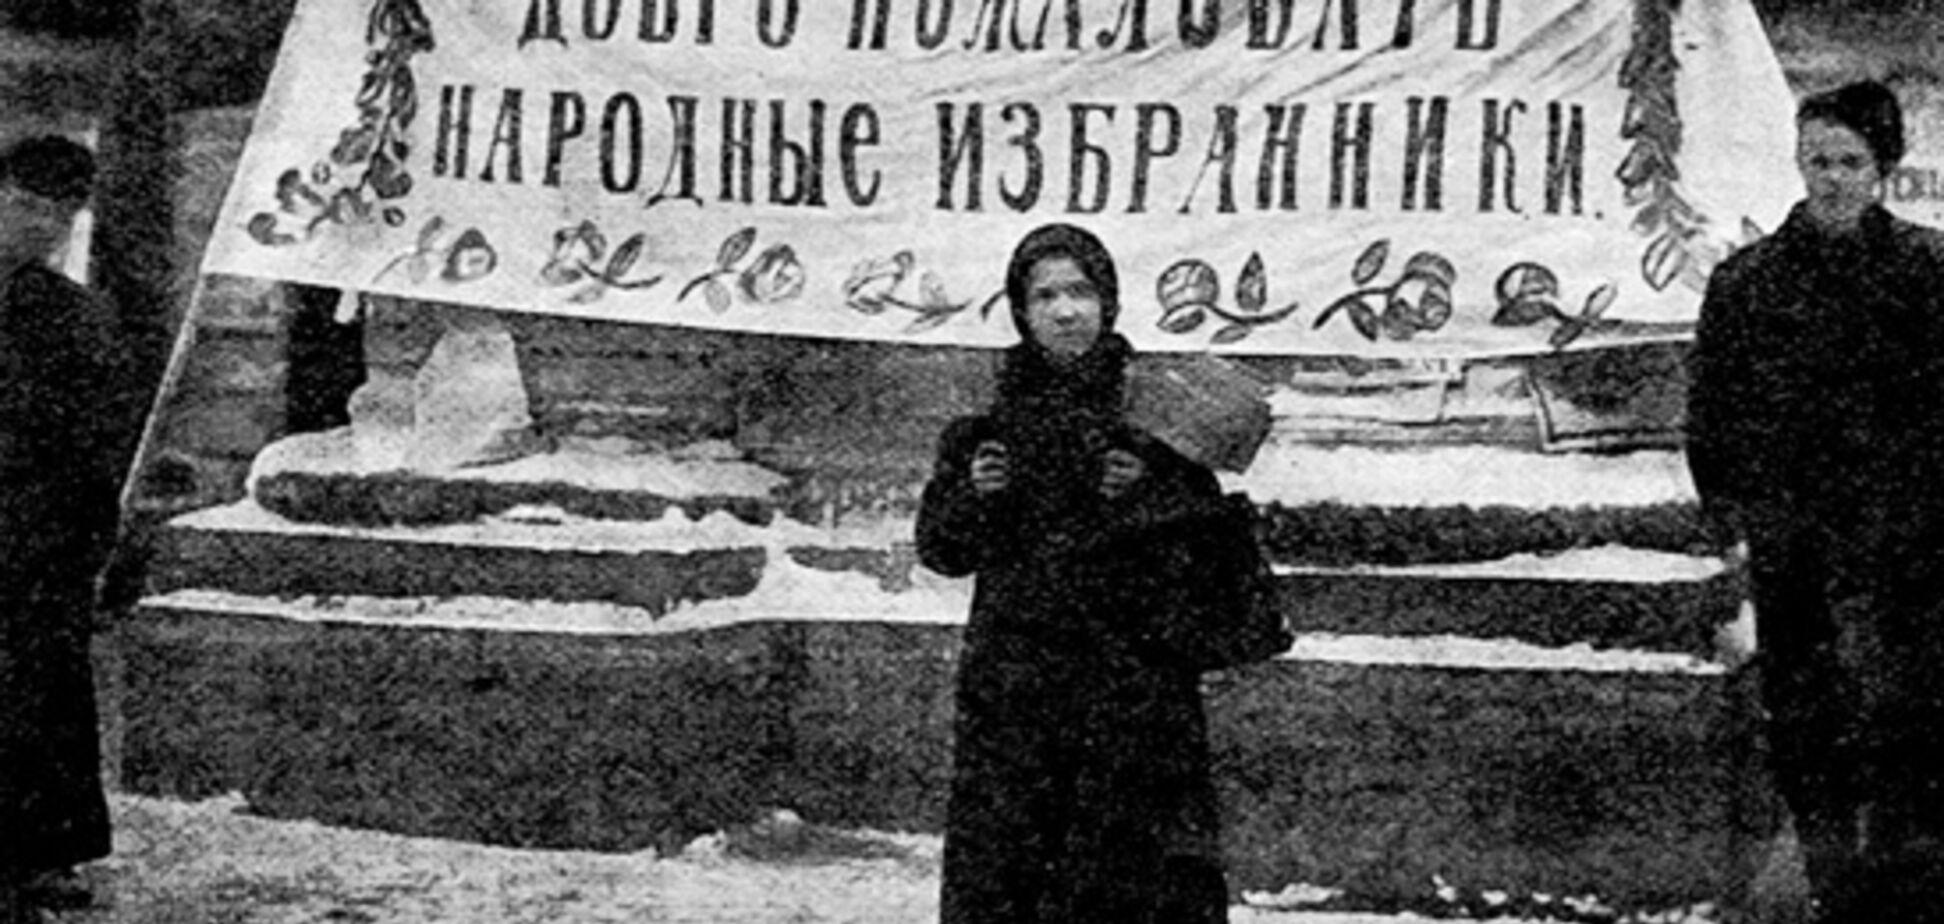 Народ прозревает: пять обещаний 'СН', взятые у большевиков